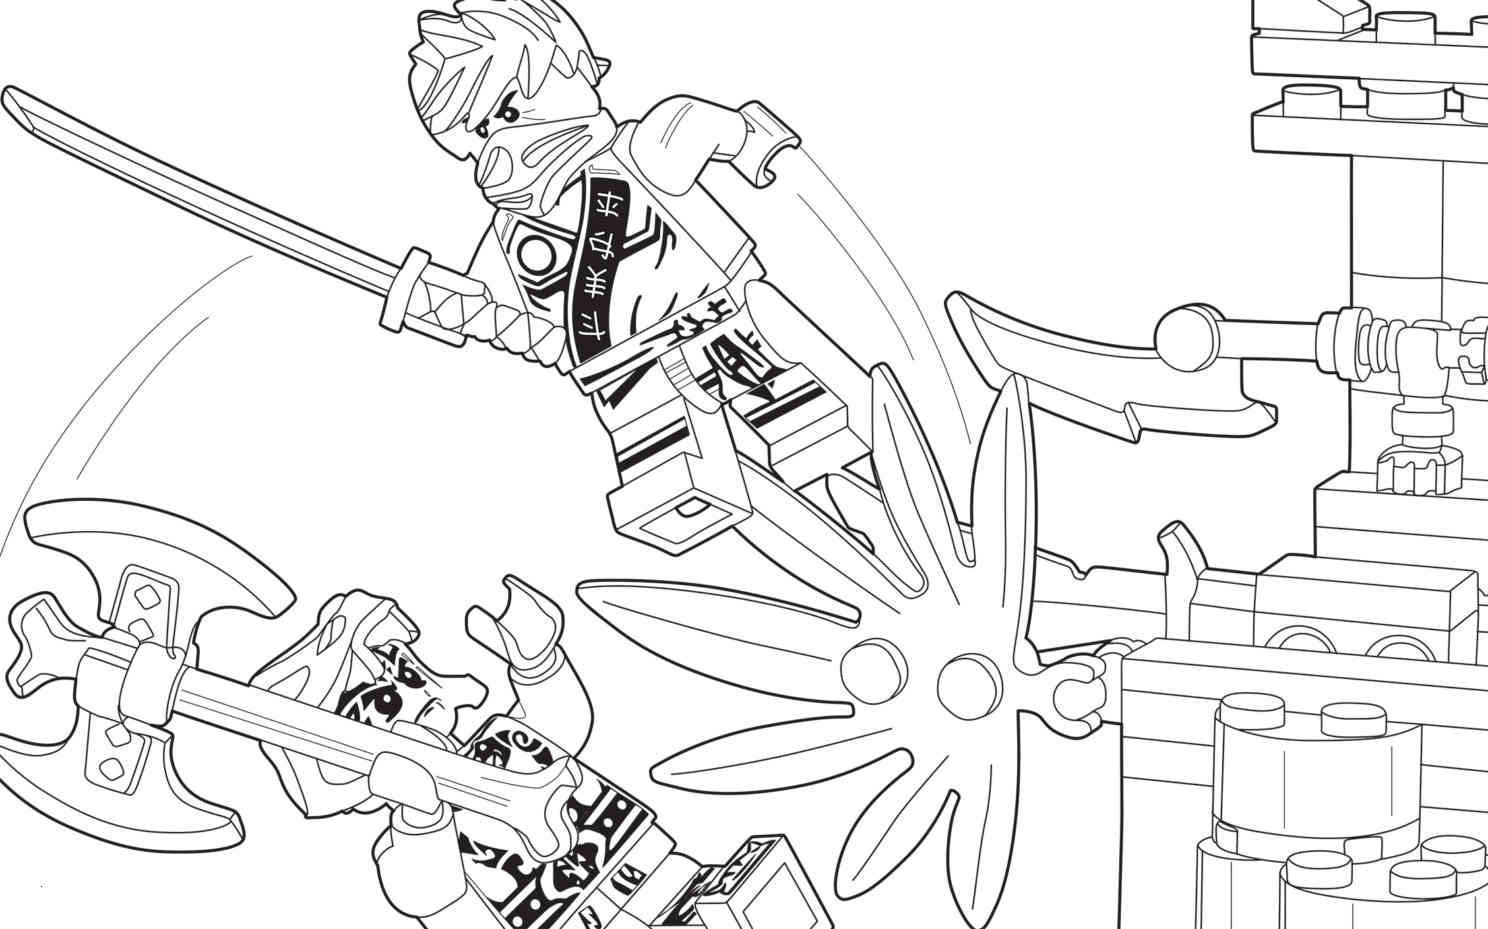 Ausmalbilder Ninjago Zum Ausdrucken Das Beste Von Ausmalbilder Ninjago Kostenlos Ausdrucken Archives forstergallery Das Bild